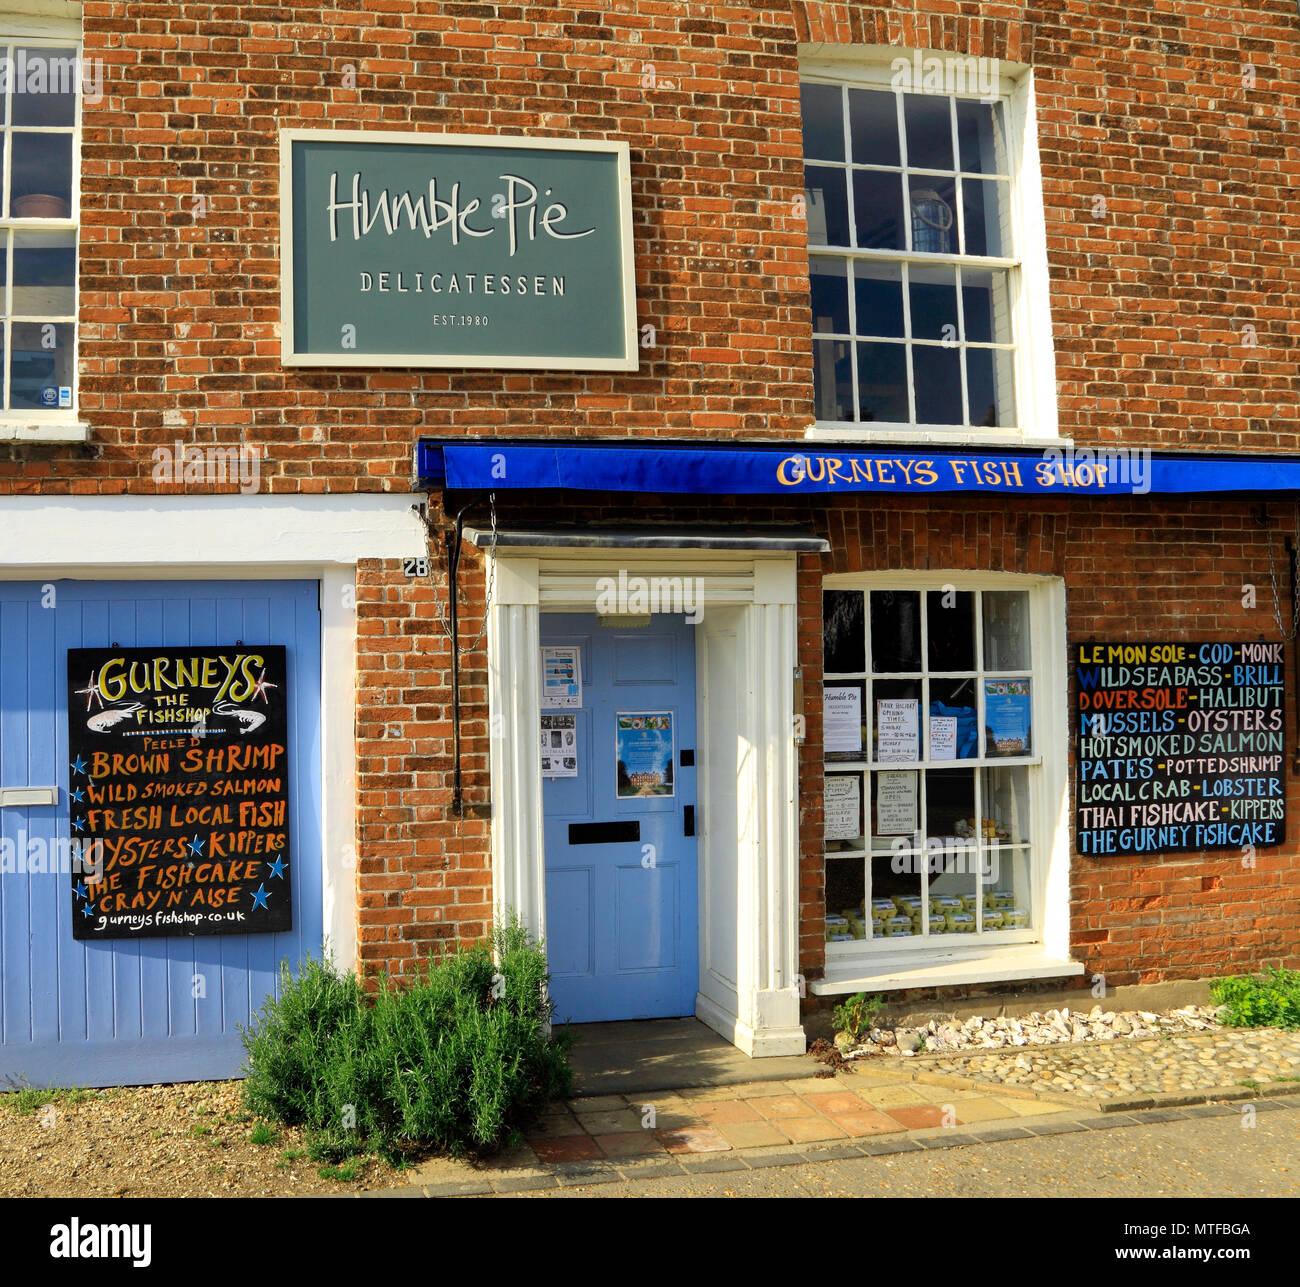 Burnham tiendas de mercado, humilde circulares, camillas de Pescadería, Norfolk, Inglaterra, Reino Unido. Imagen De Stock